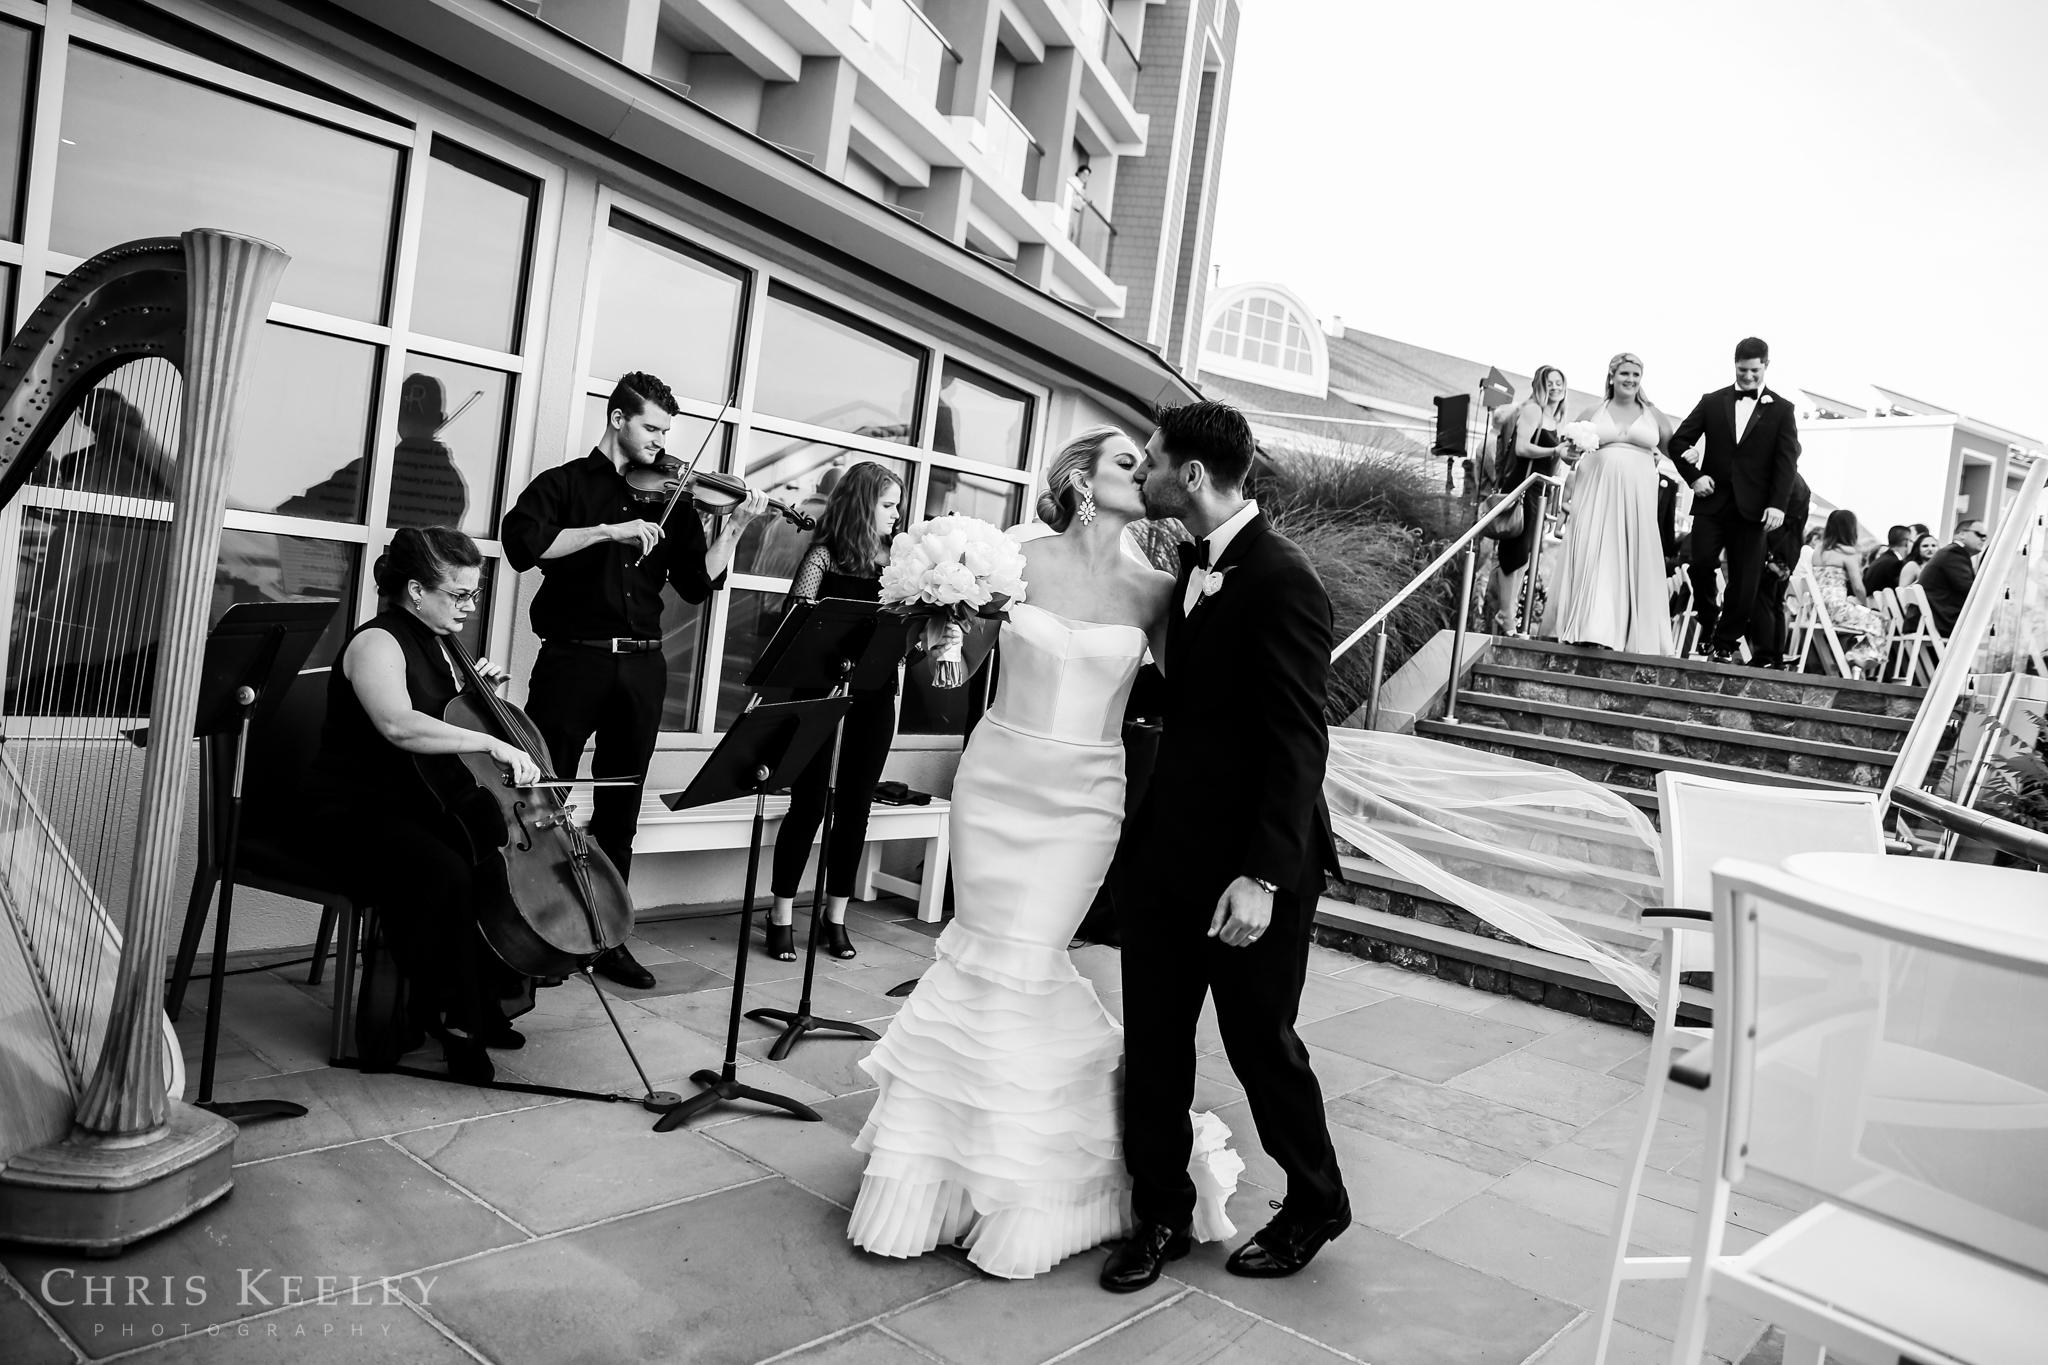 cliff-house-maine-wedding-photographer-chris-keeley-59.jpg